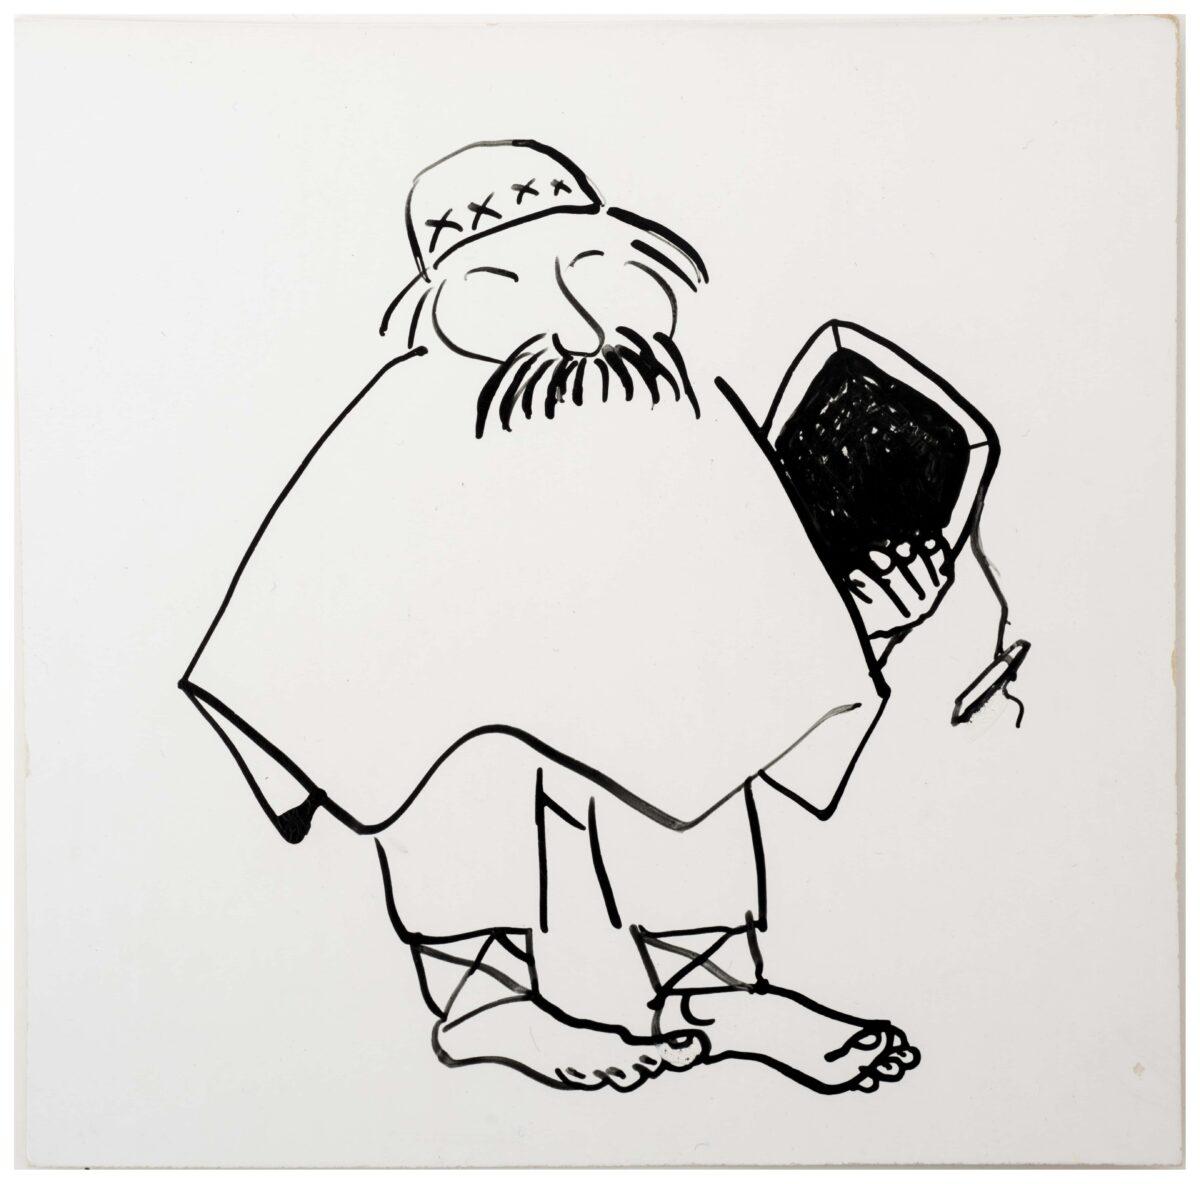 Maxim Gorki - Karikatur der Saarower Künstlerin Gertrud Zucker